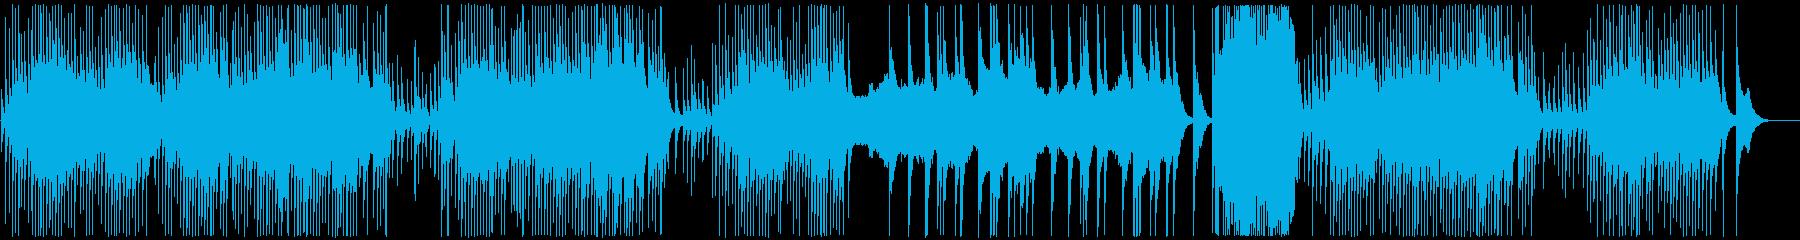 エリーゼのために/箏/和風/古謡の再生済みの波形